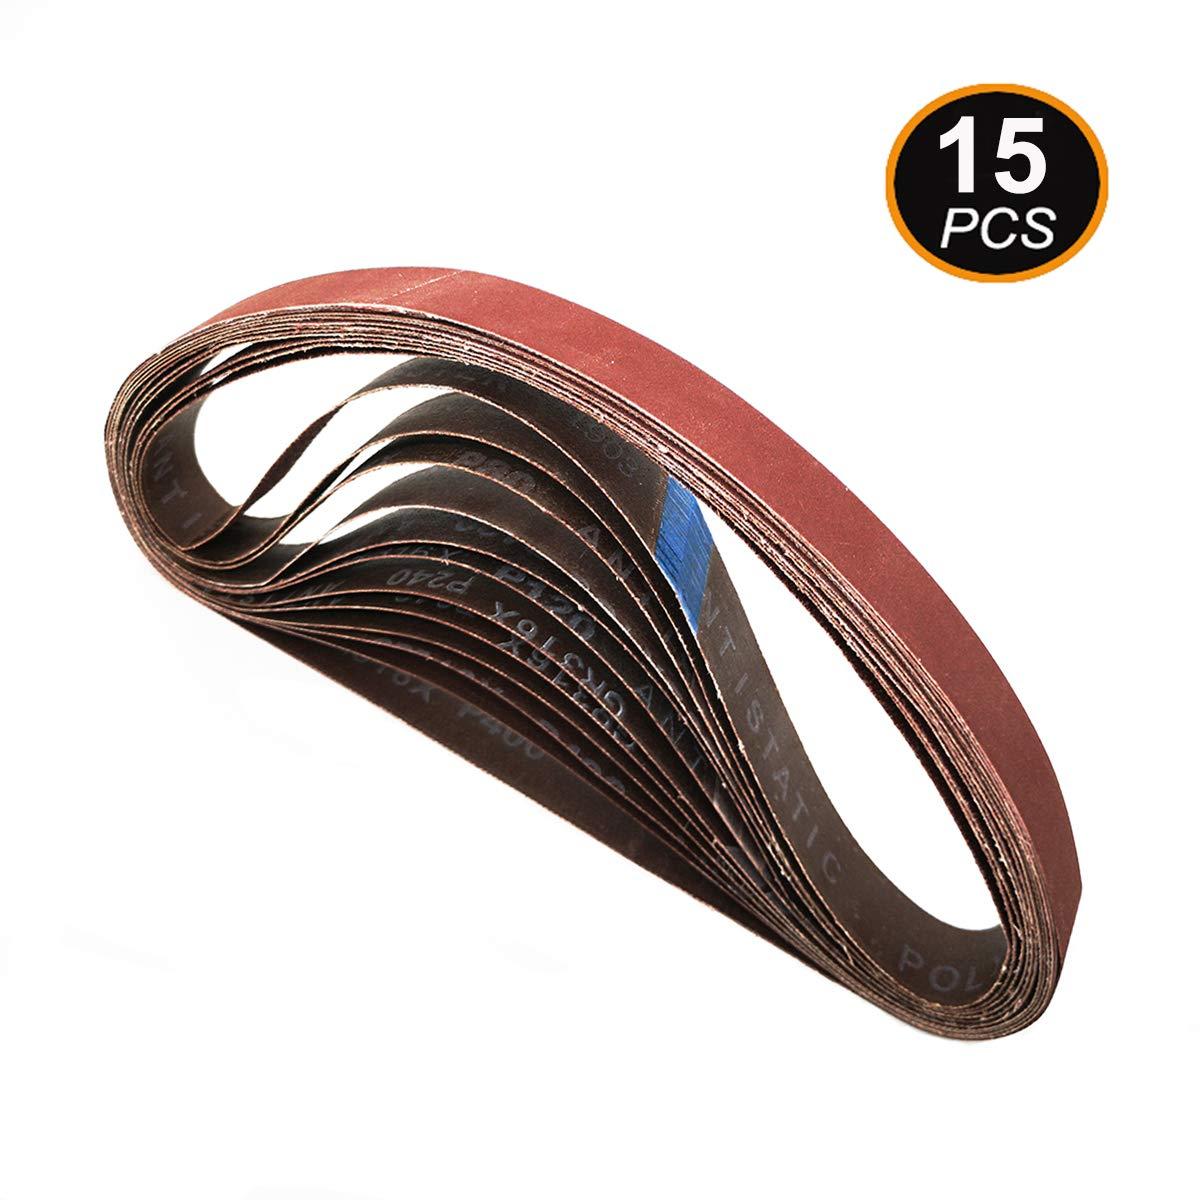 Aiyard 1 x 30-Inch Aluminum Oxide Sanding Belts, 40/80/120/240/400 Assorted Grits Abrasive Belts for Belt Sander, 15-Pack